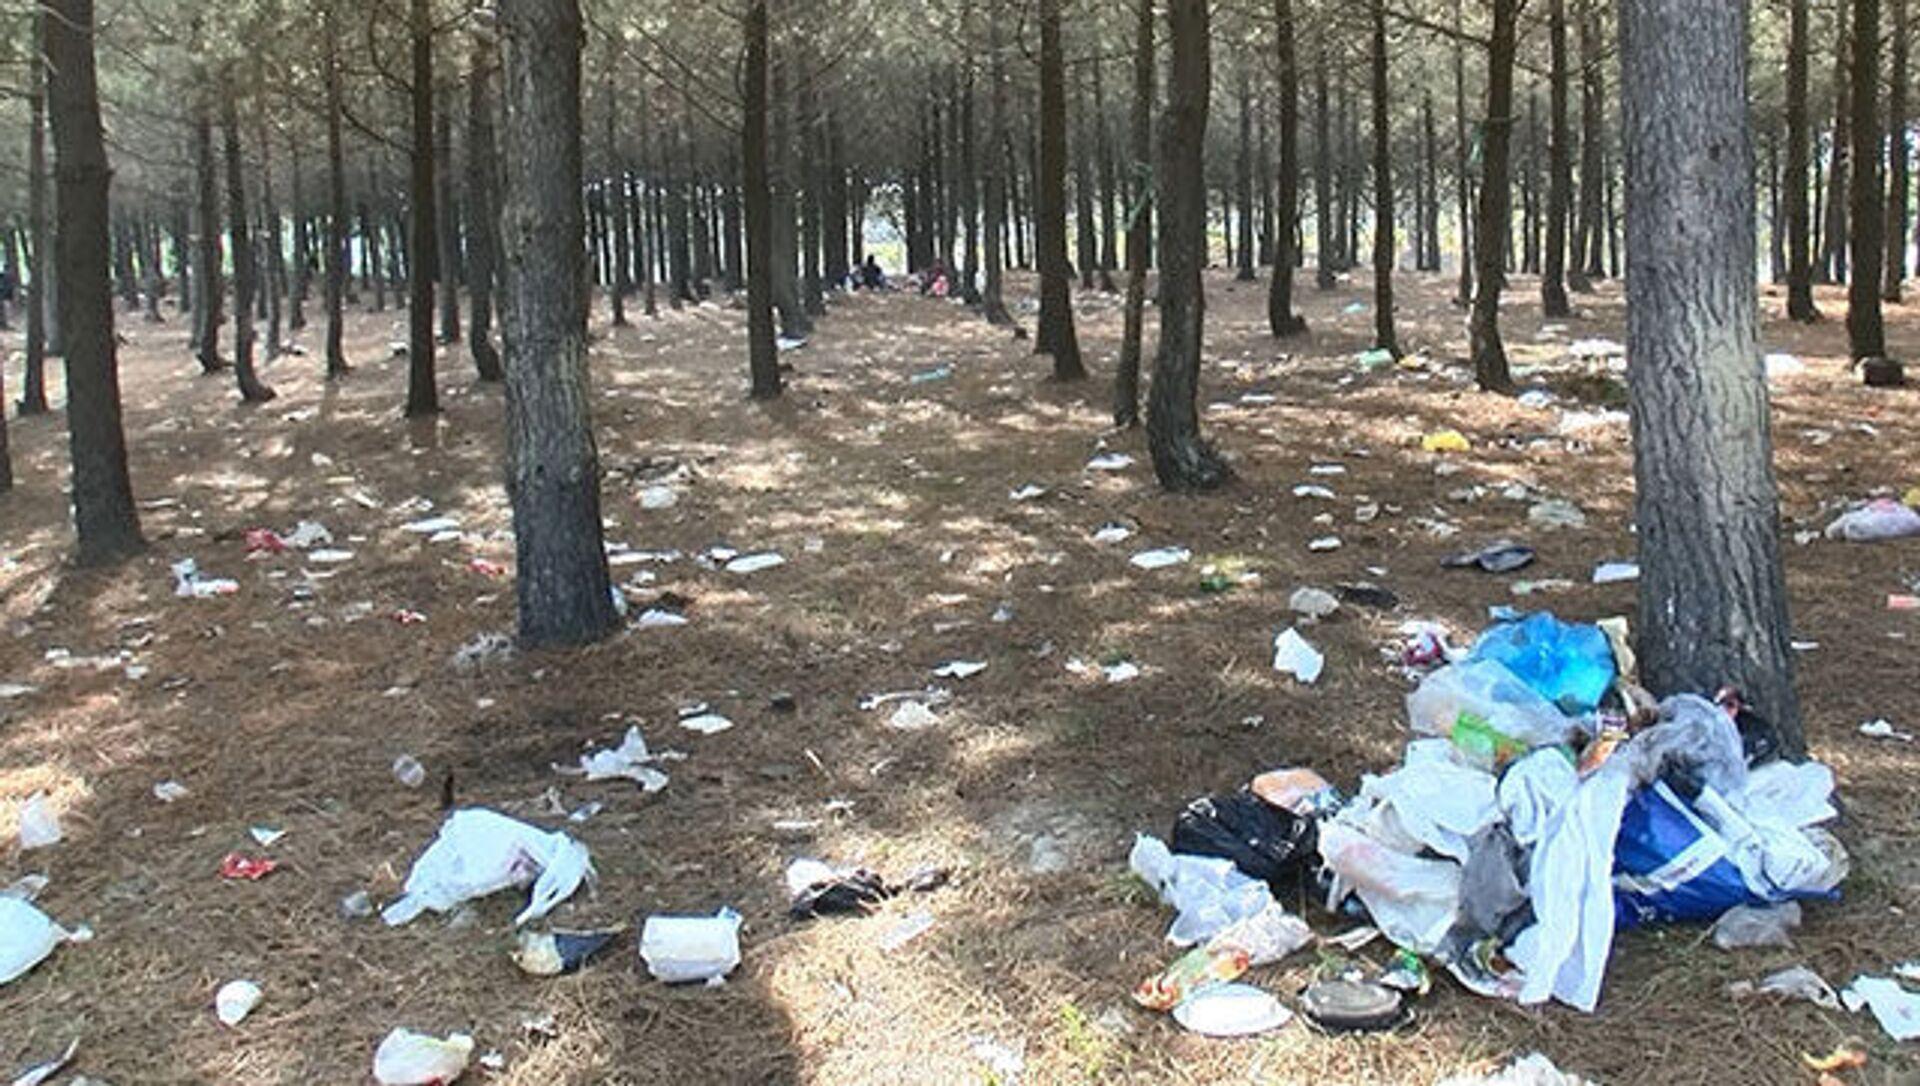 Piknikçilerden geriye çöp yığınları kaldı - Sputnik Türkiye, 1920, 23.07.2021